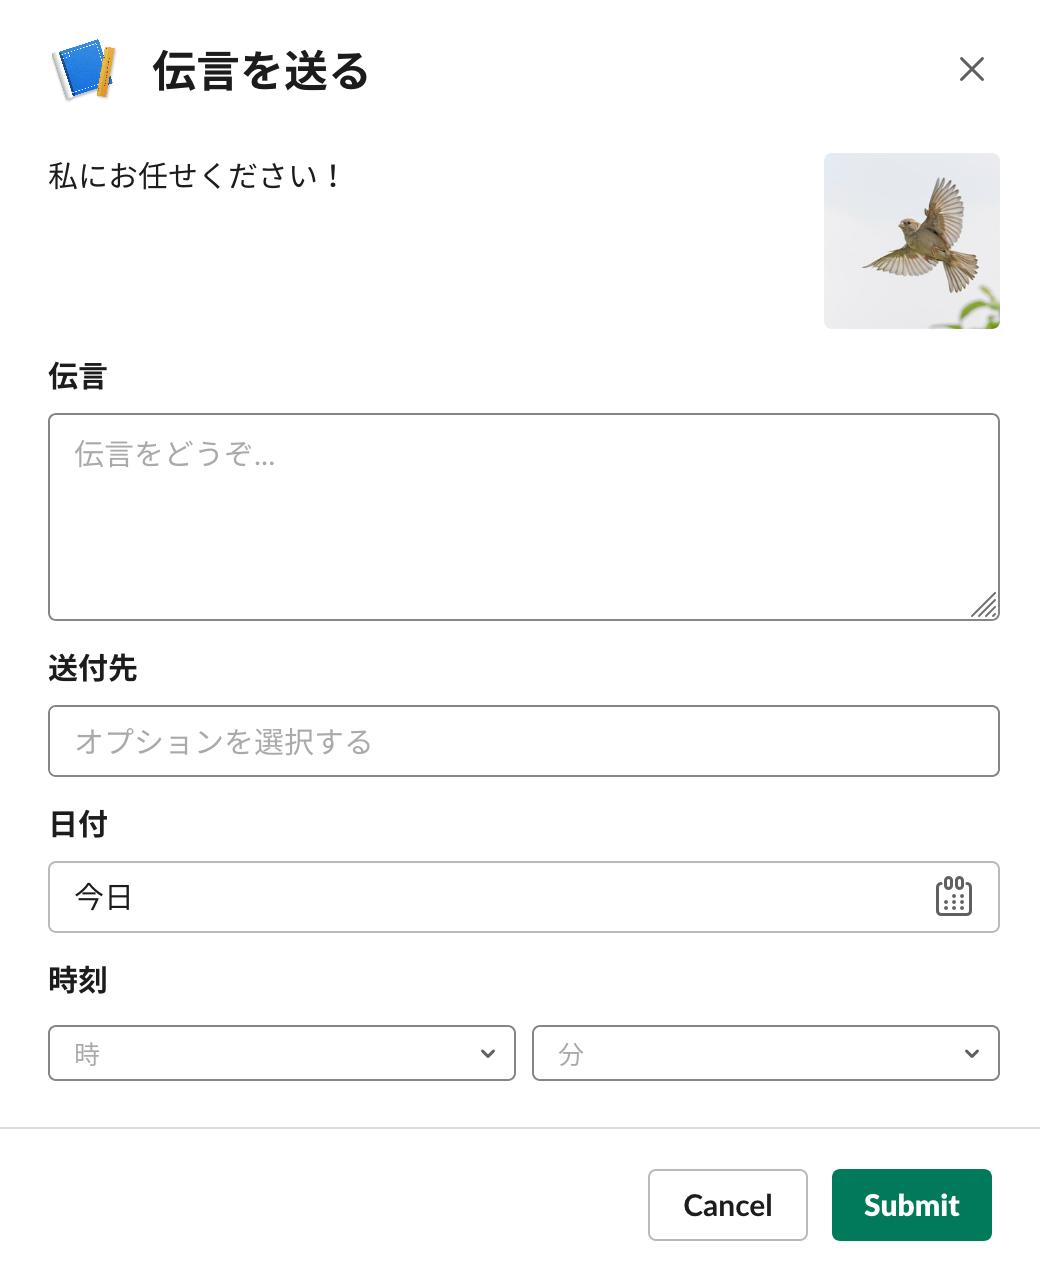 伝書鳩アプリのモーダル(時刻入力まで)